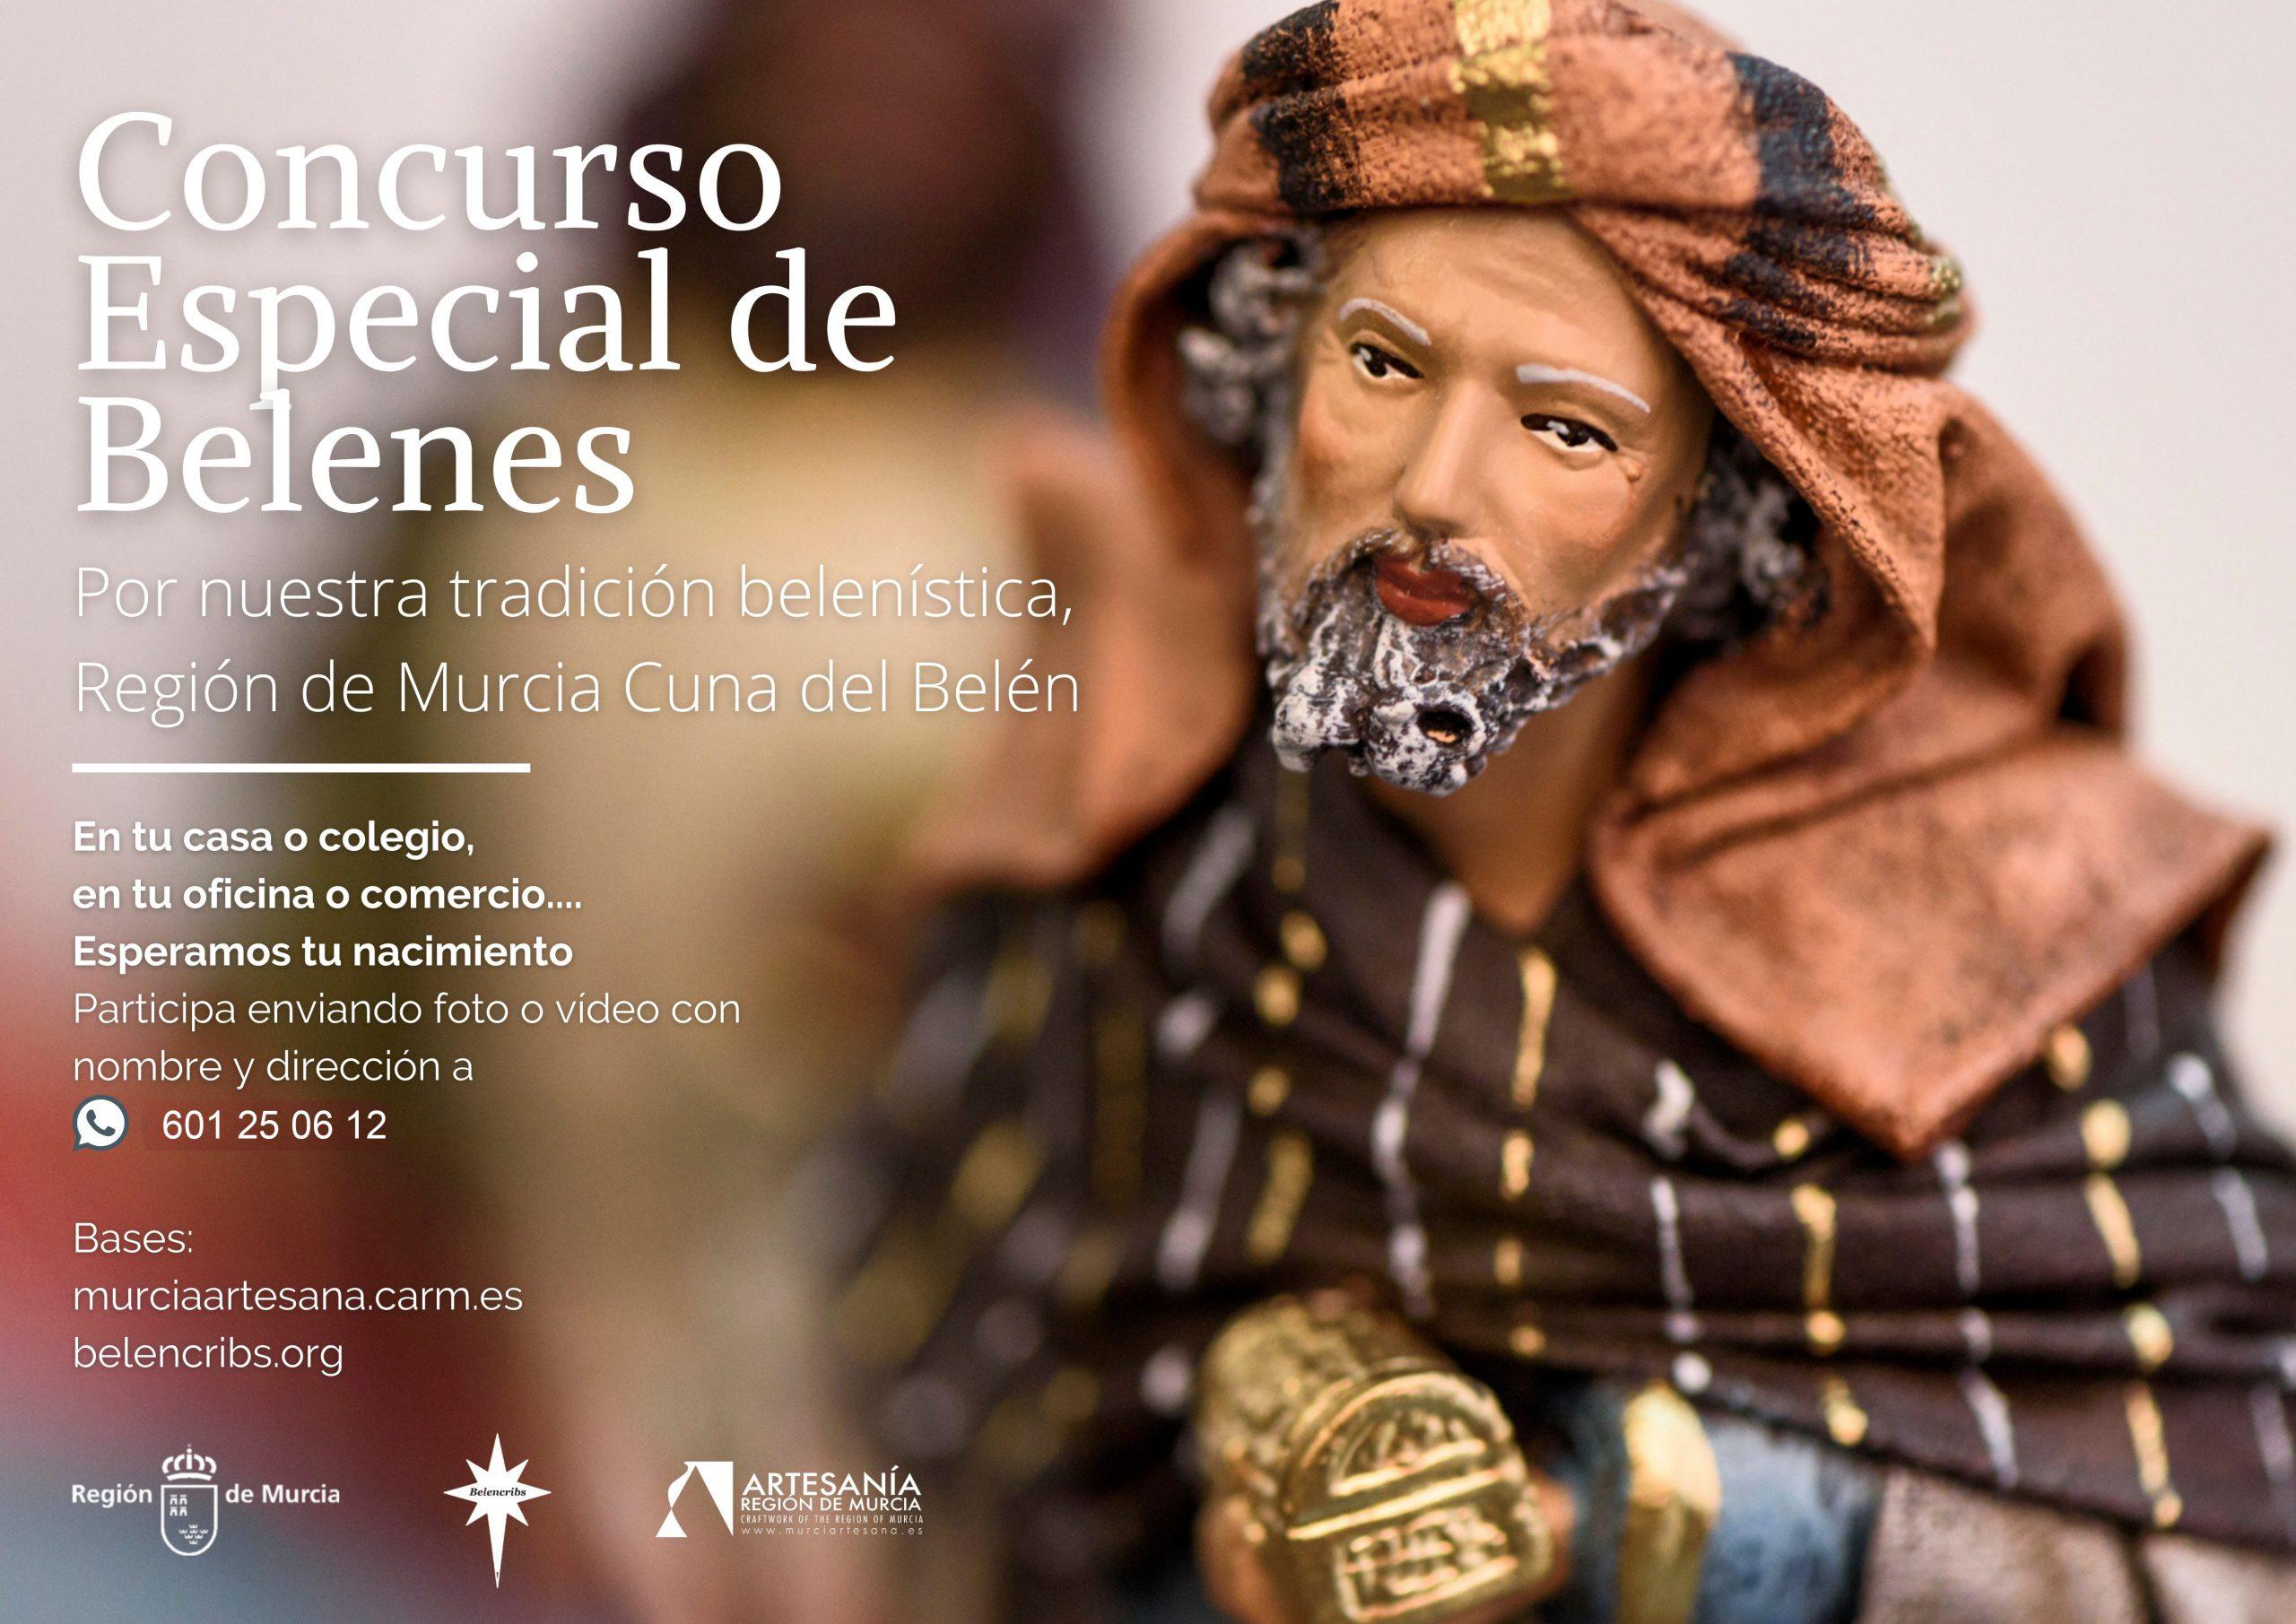 Concurso de belenes, especial de la Región de Murcia 2020